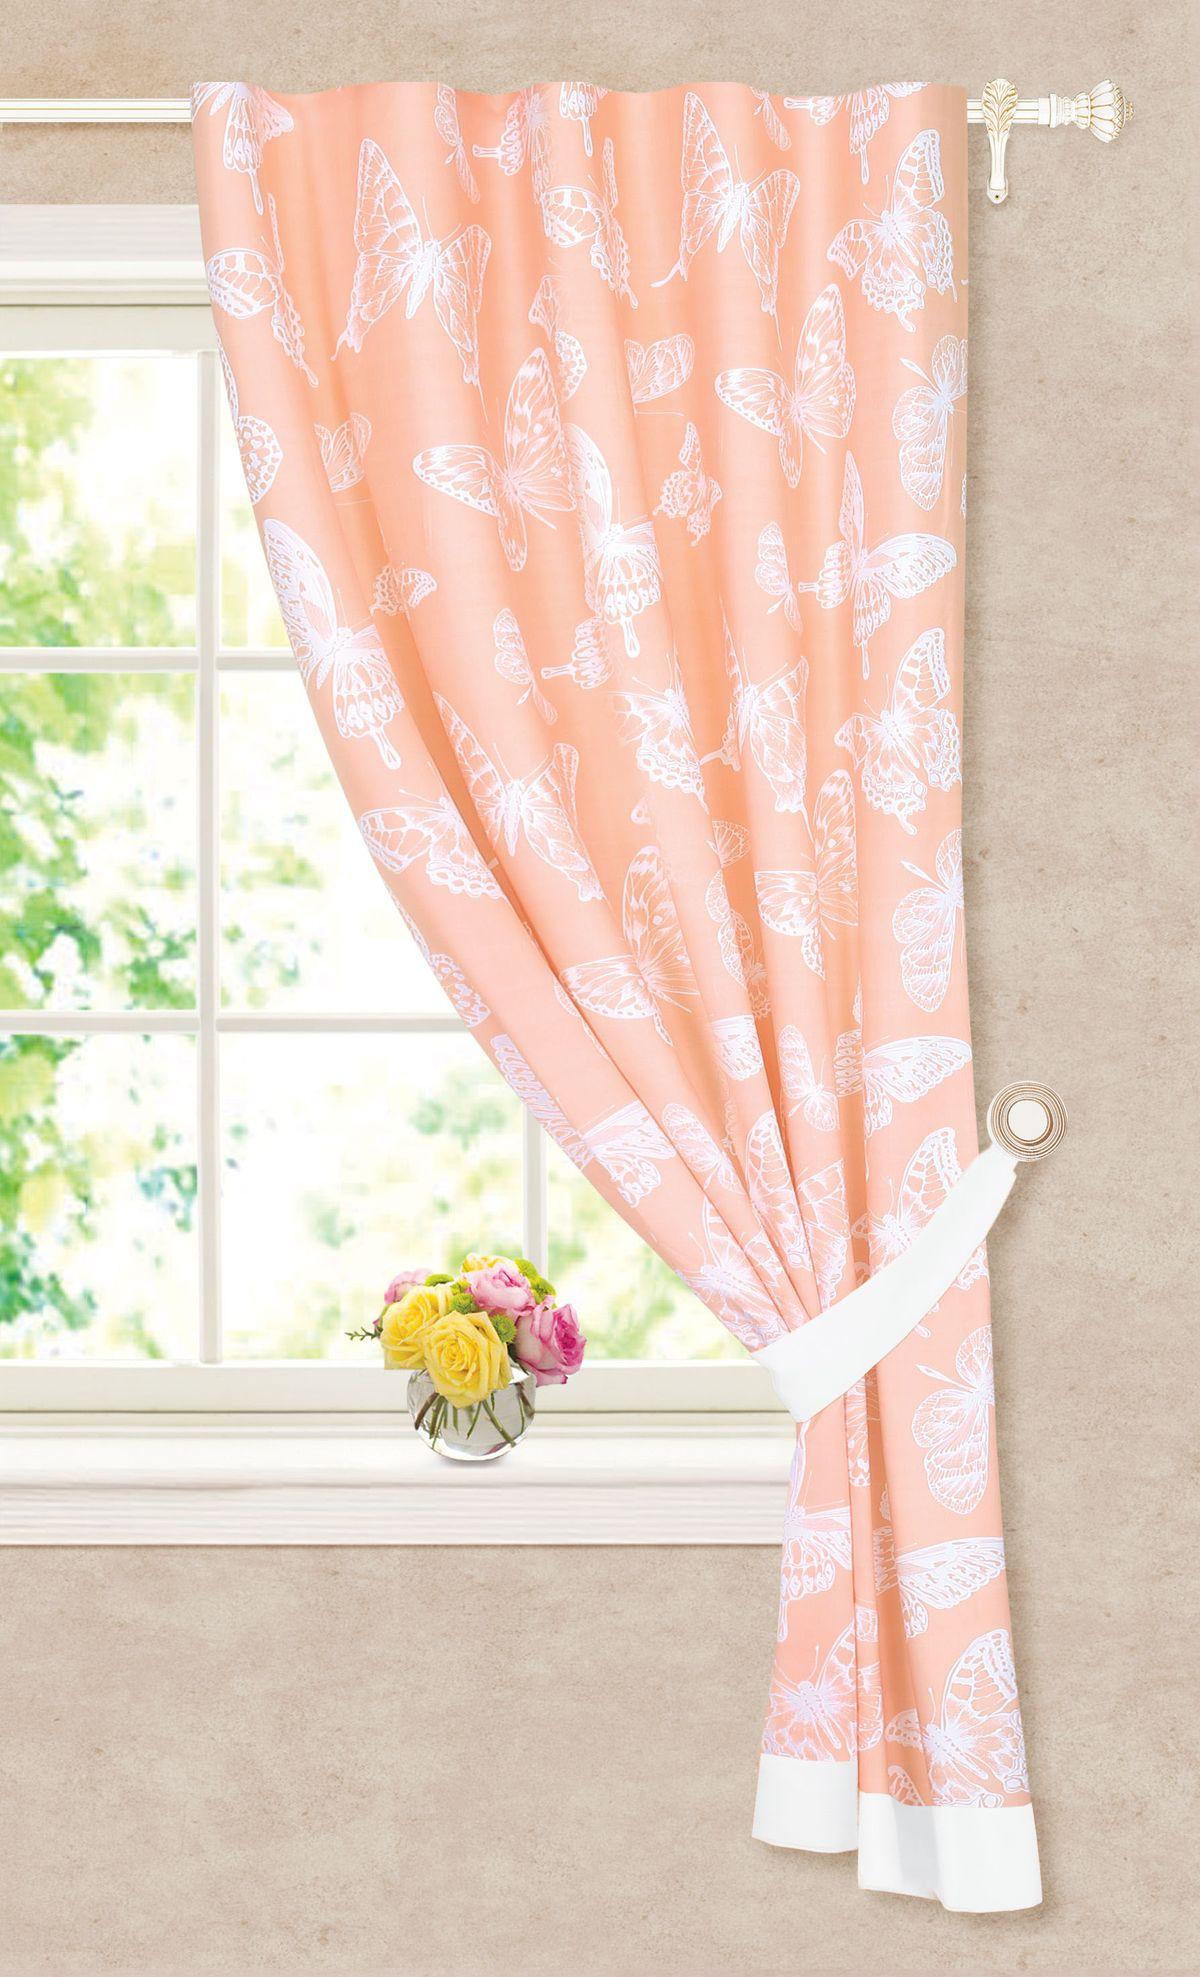 Штора готовая Garden, на ленте, c подхватом, цвет: розовый, 140х180 см. С 7302 - W2071 - W2071 V7704524Изящная штора для кухни Garden выполнена из плотной ткани. Приятная текстура и цвет привлекут к себе внимание и органично впишутся в интерьер кухни. Штора крепится на карниз при помощи ленты, которая поможет красиво и равномерно задрапировать верх.